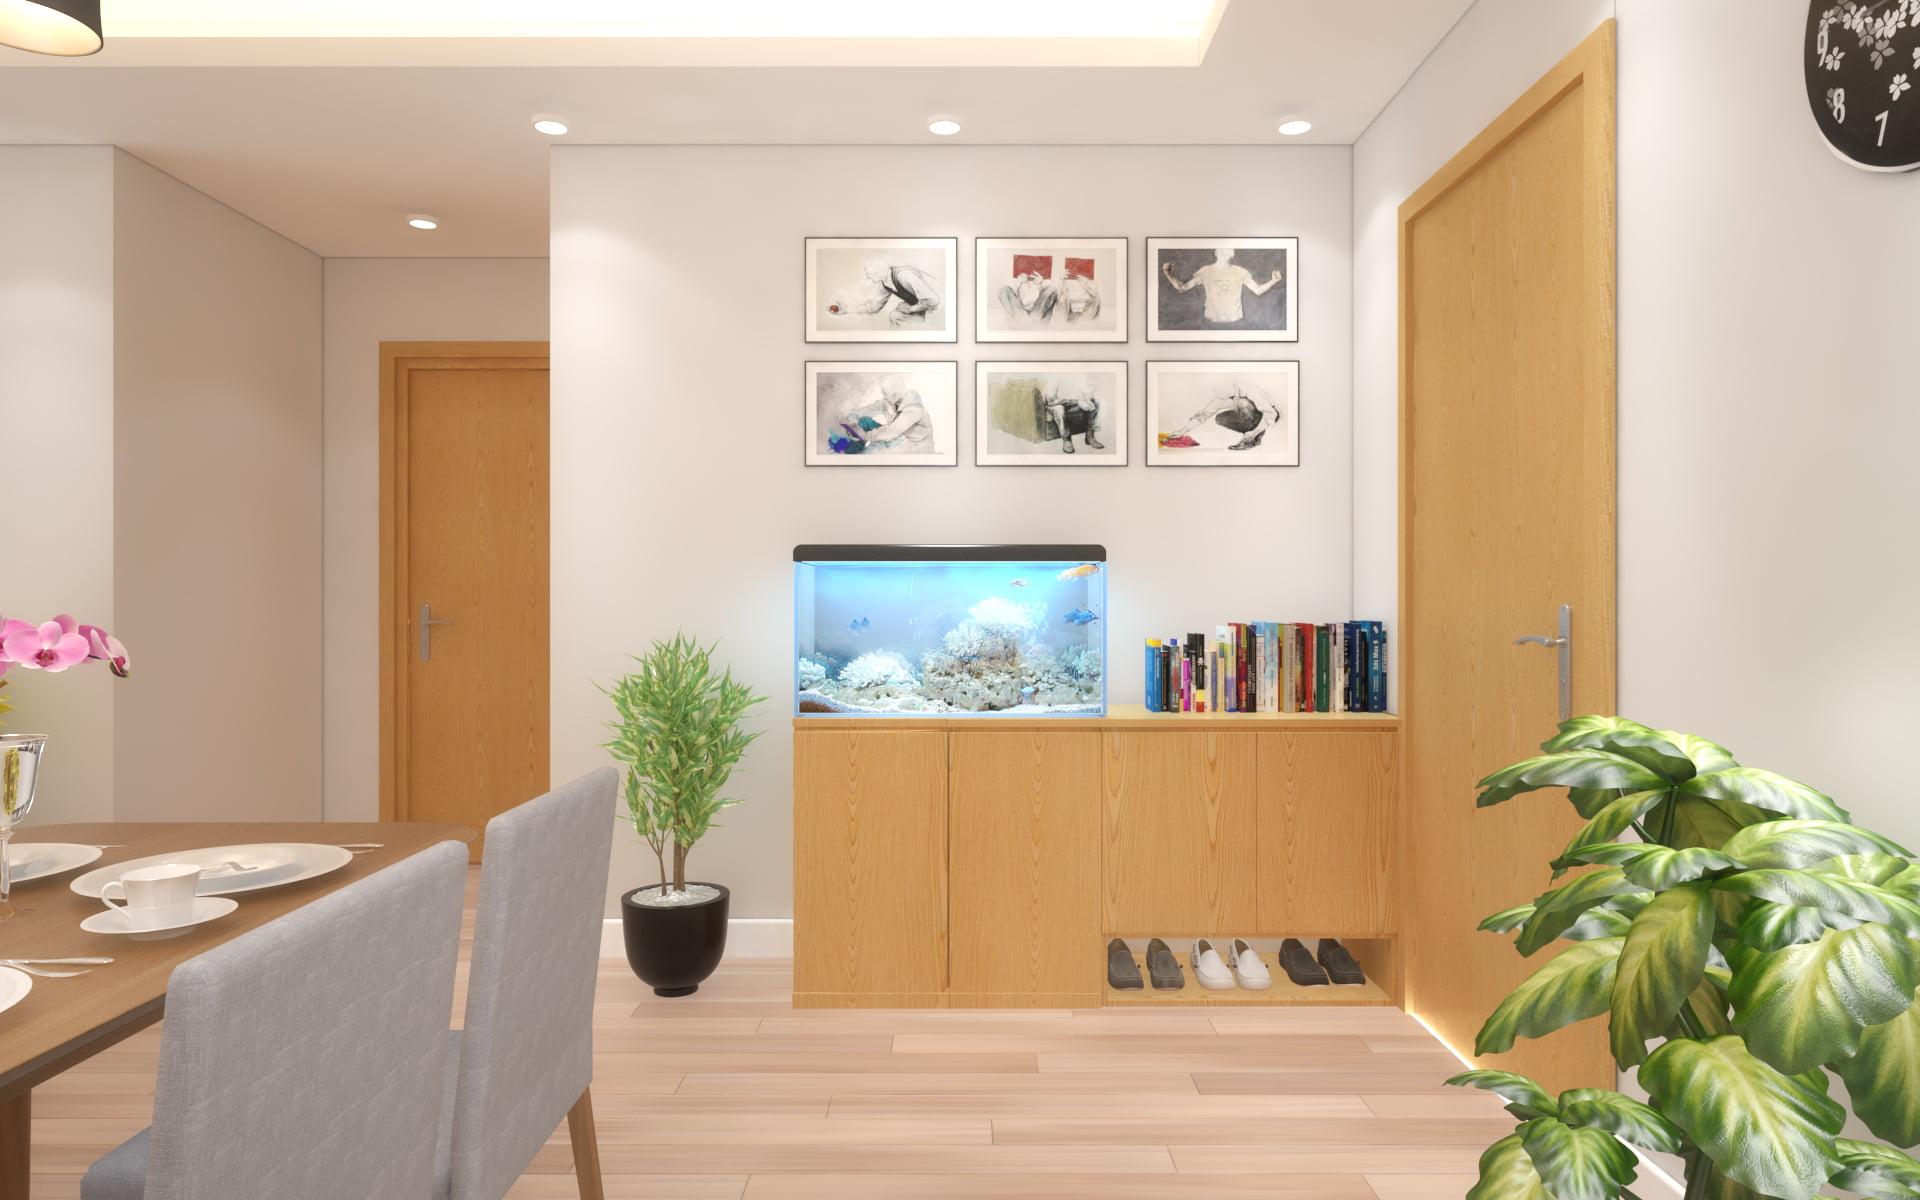 thiết kế nội thất chung cư giá rẻ 14